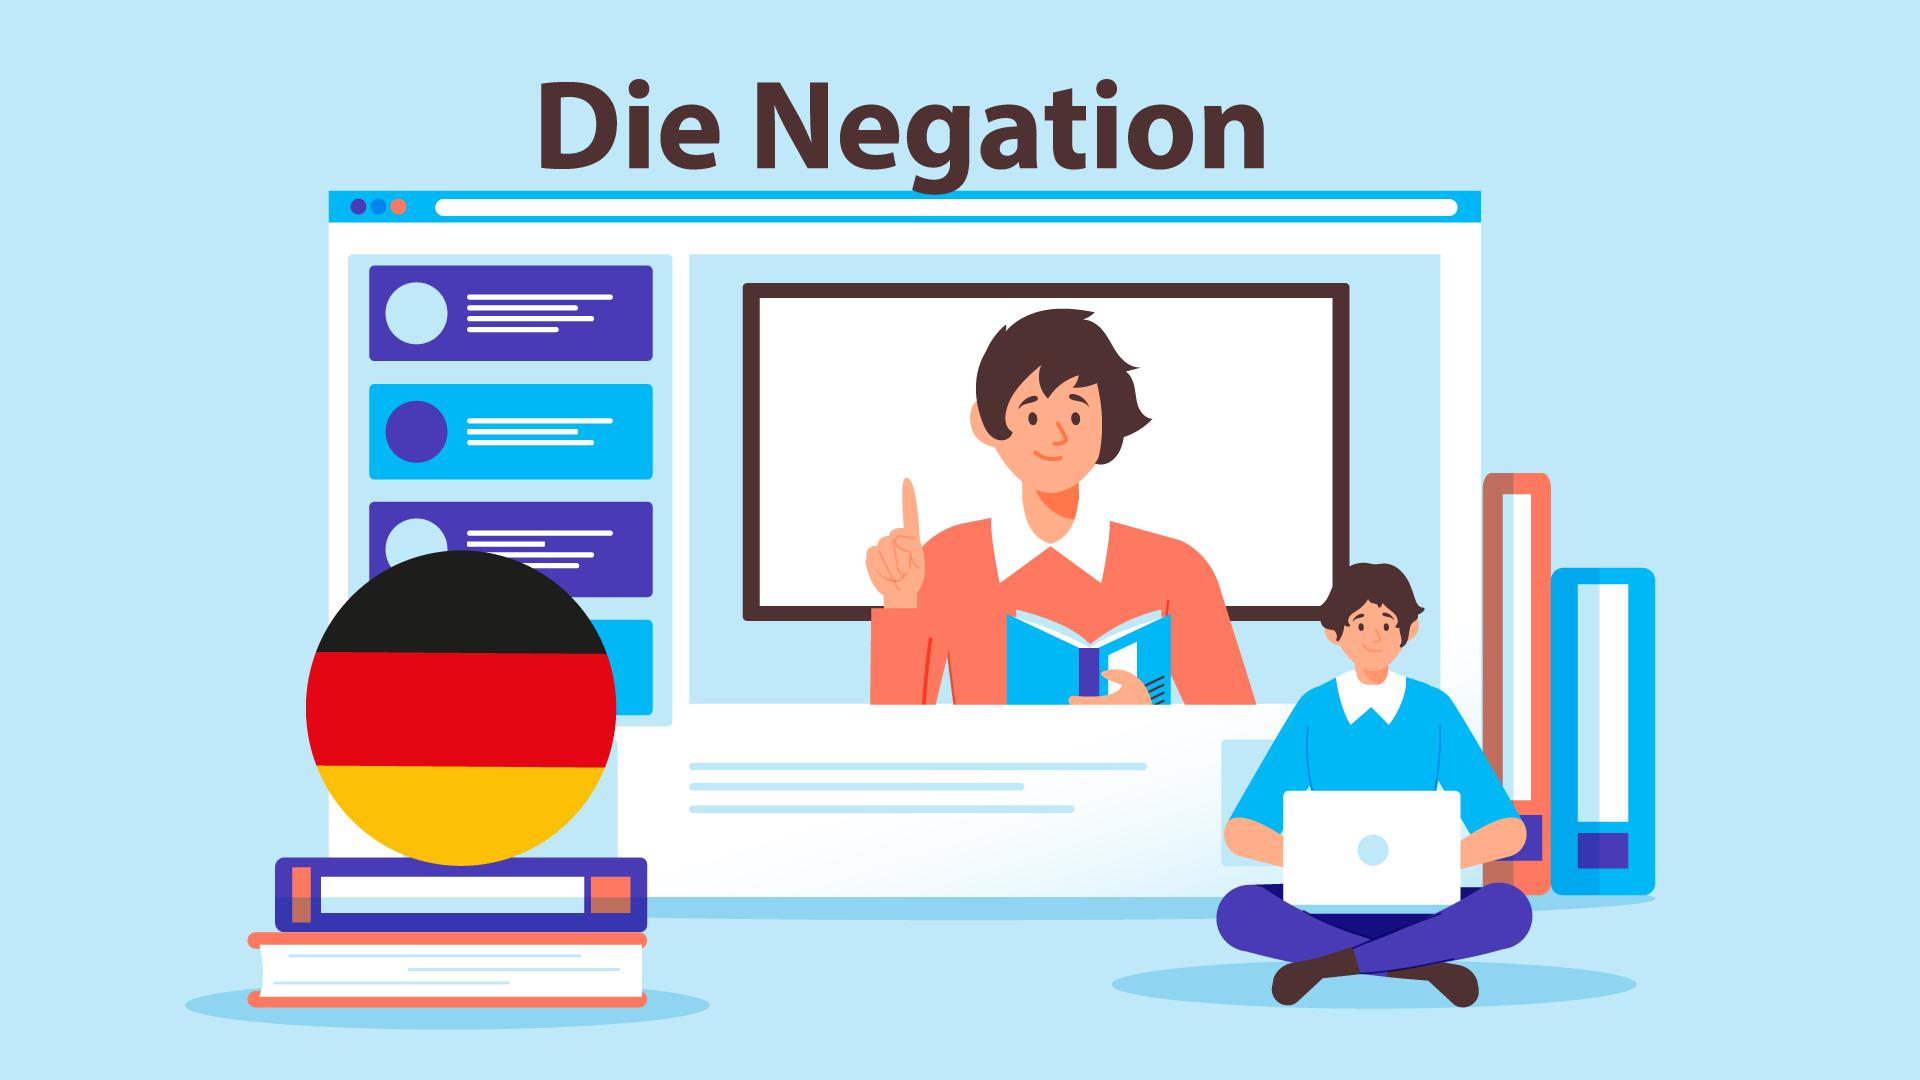 منفی کردن در زبان آلمانی — آموزک [ویدیوی آموزشی]